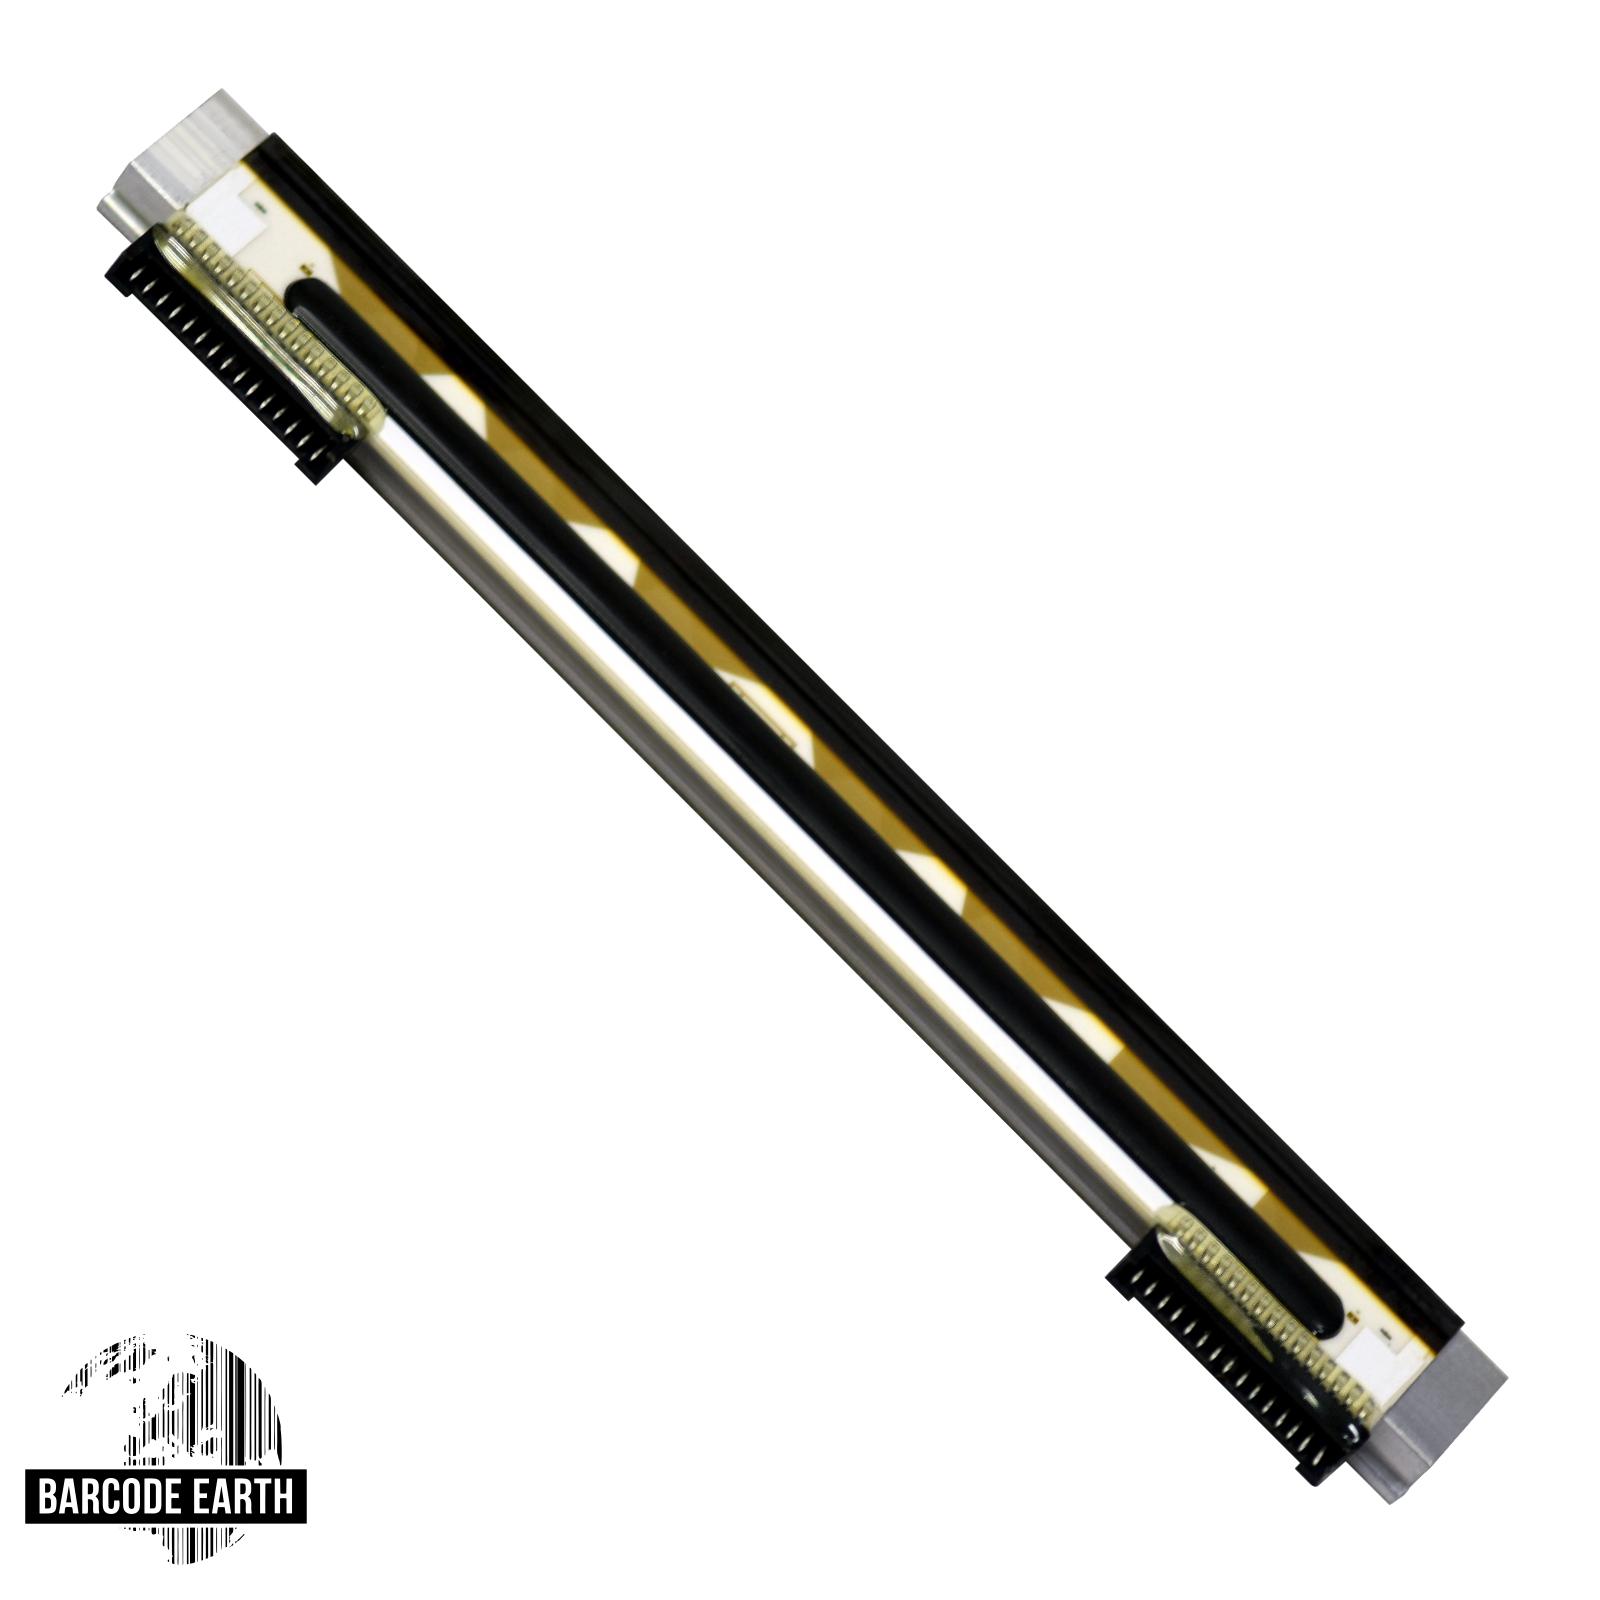 5x 105934-037 Zebra GK420D GX420D ZP450 ZP500 ZP505 Thermal PrintHead Print Head